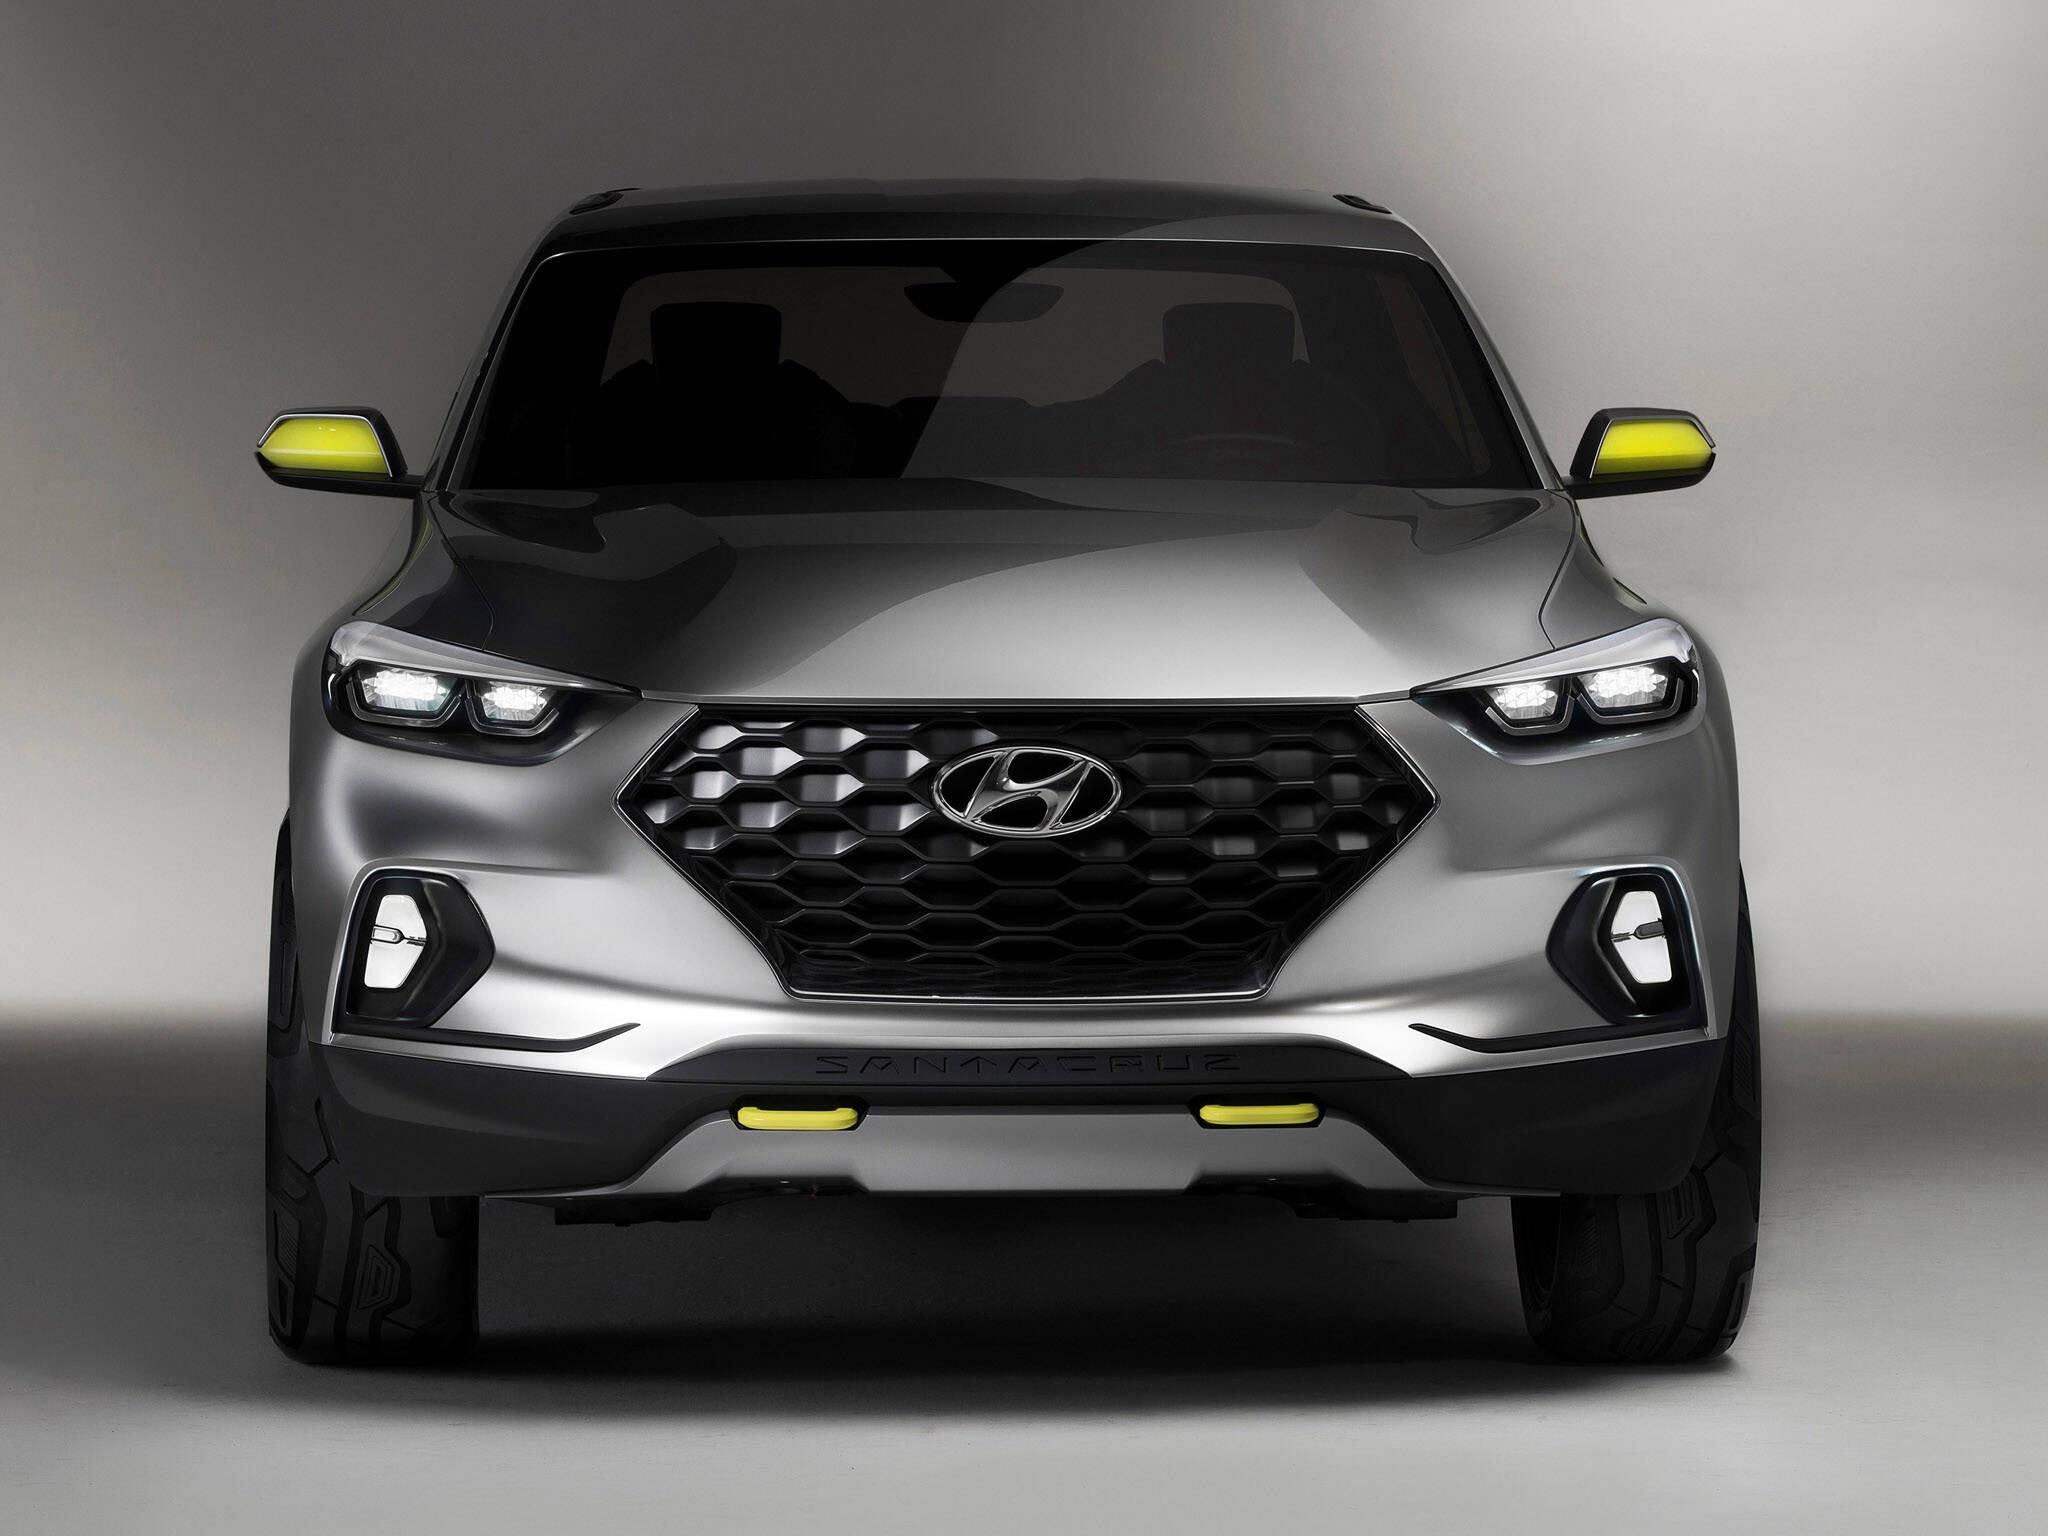 Hyundai Santa Cruz. Foto: Divulgação